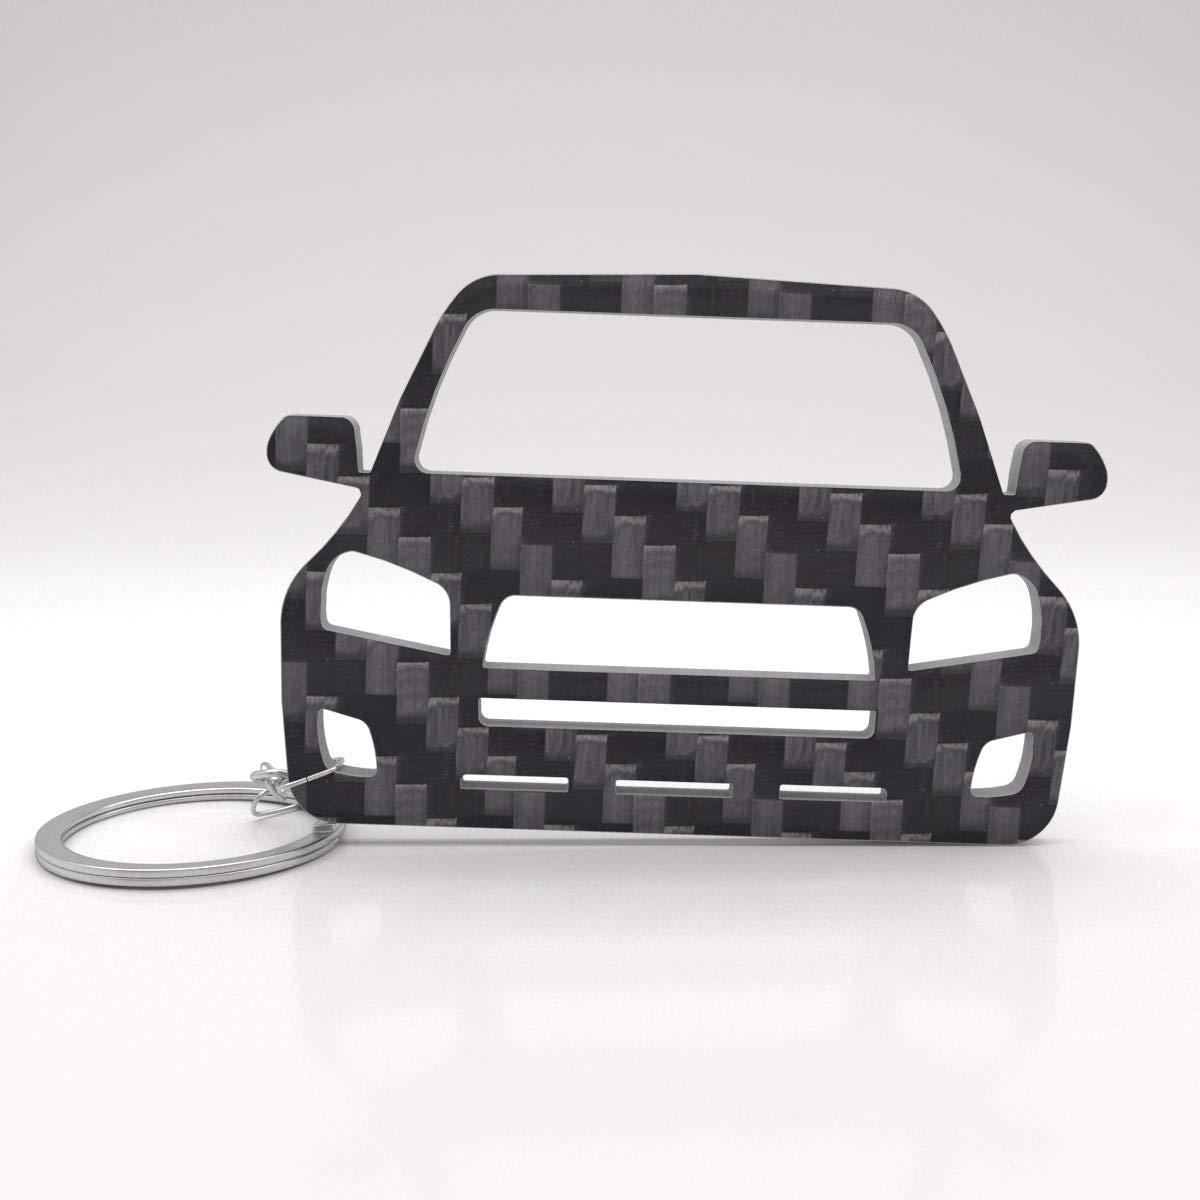 Saab 96 Automobil PKW Motivgravur auf Schlüsselanhänger inkl Textgravur